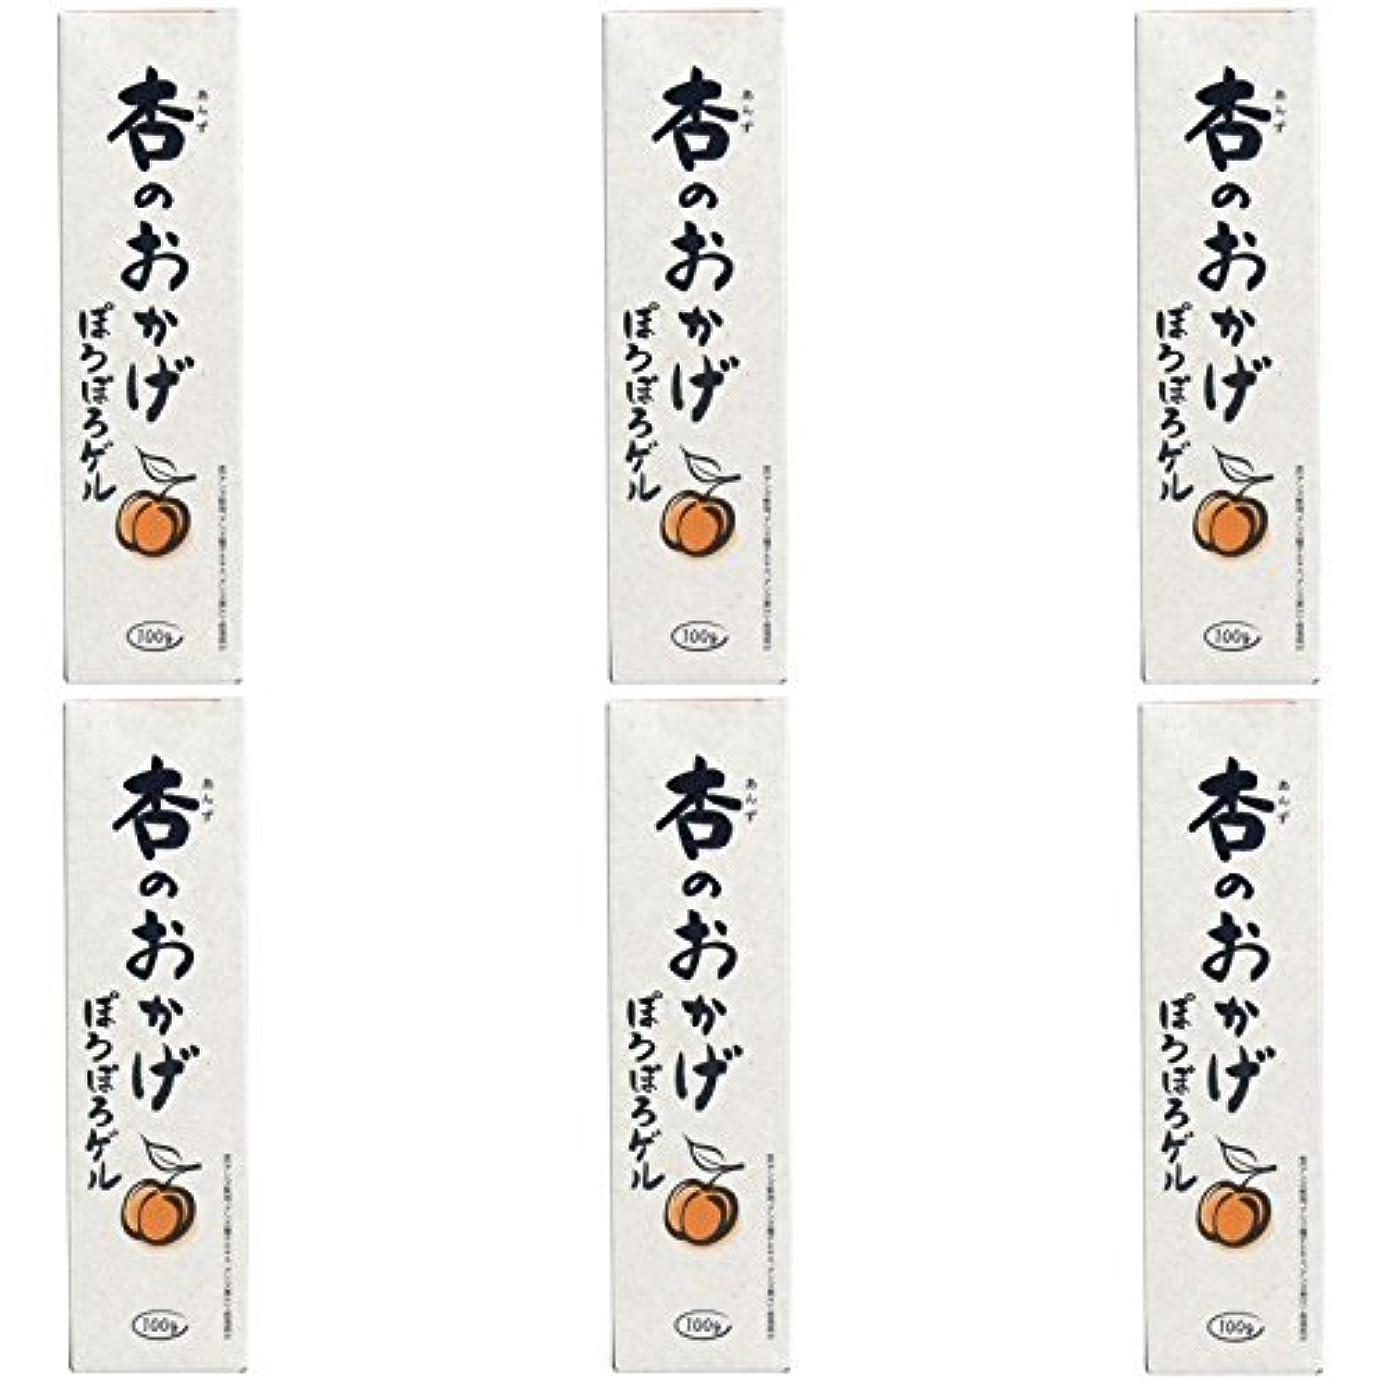 病弱図悩む【まとめ買い】杏のおかげ ぽろぽろゲル 100g【×6個】